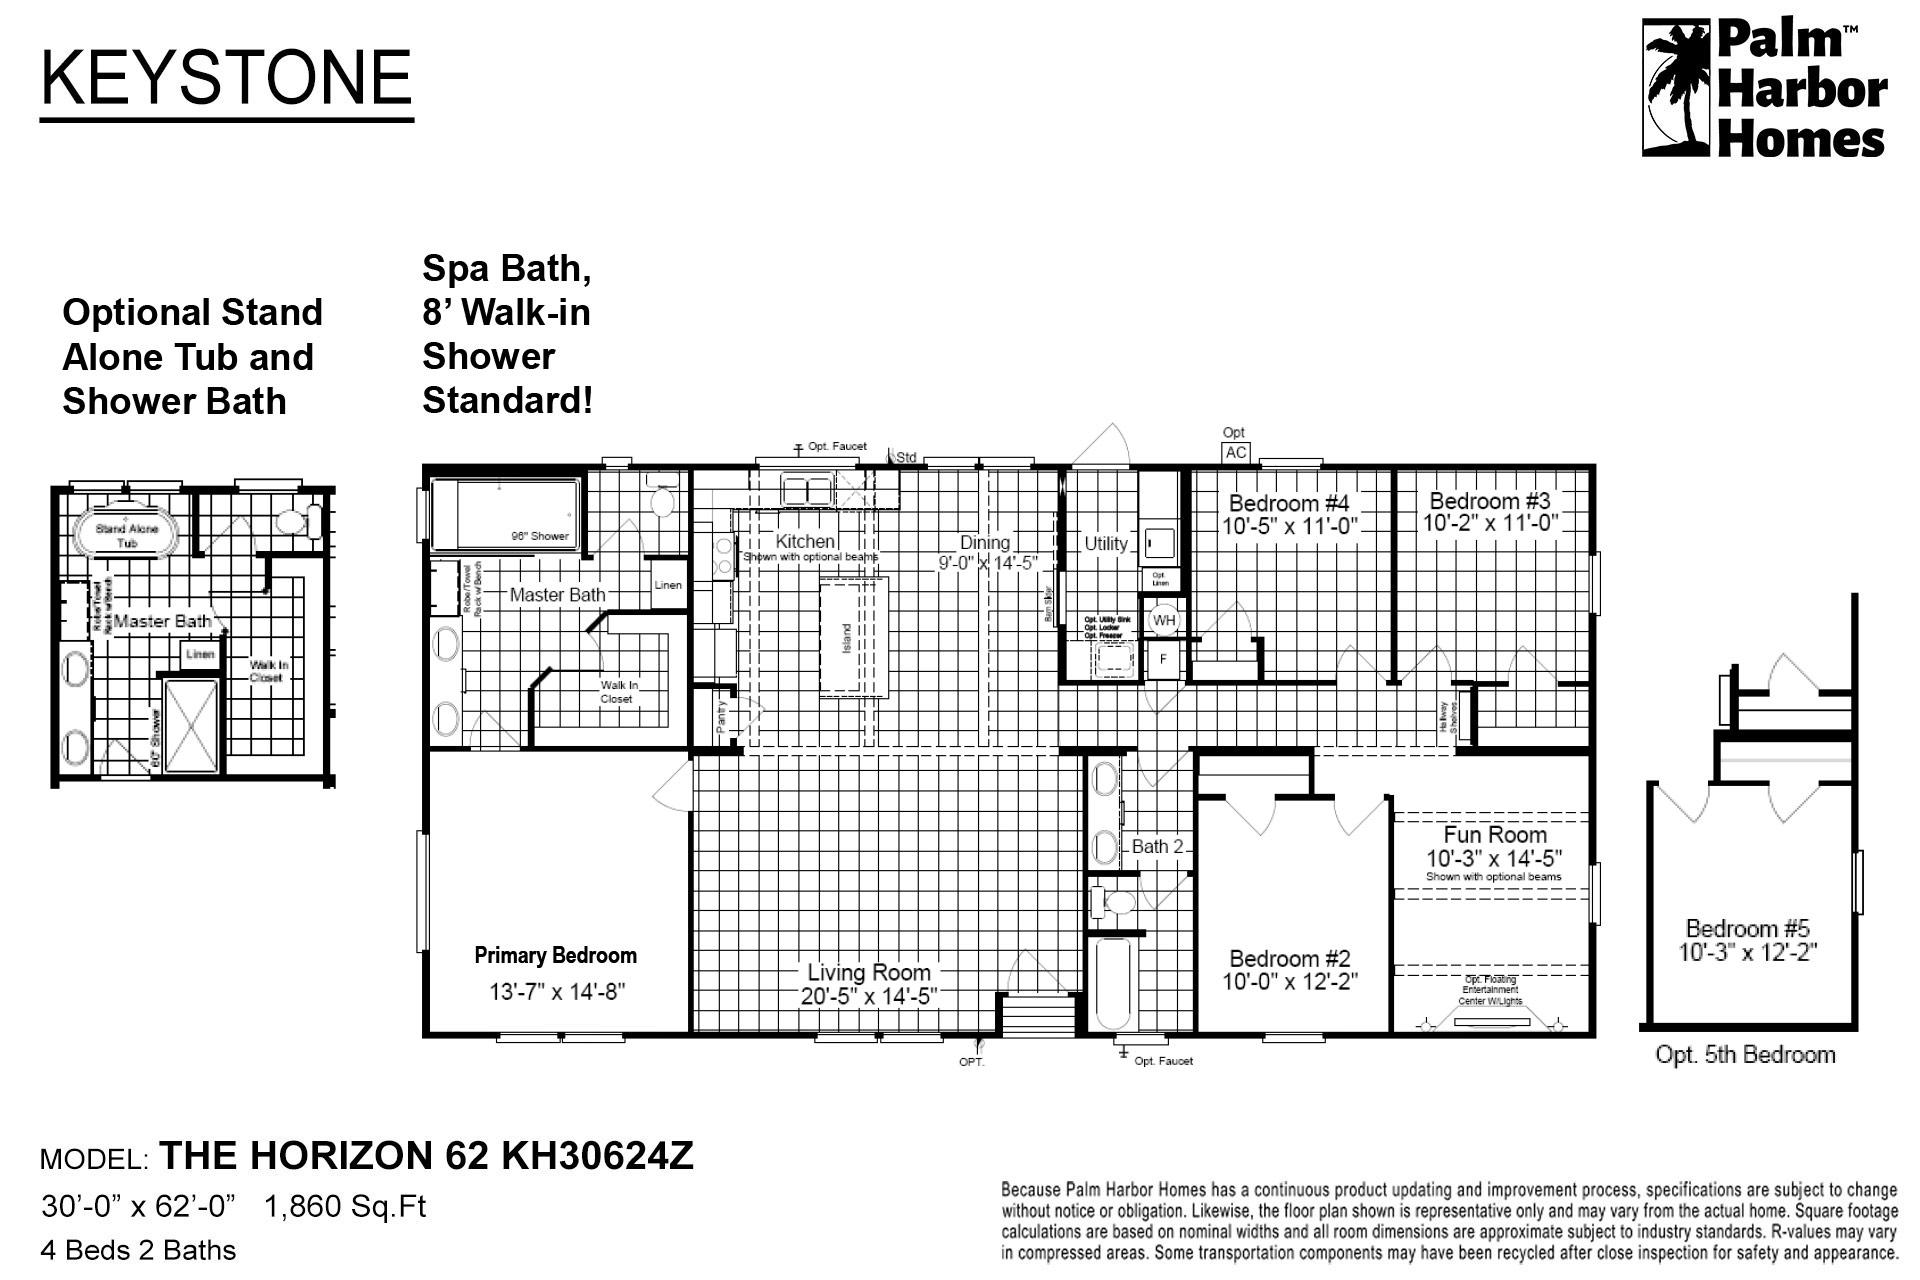 Keystone The Horizon 62 KH30624Z Layout